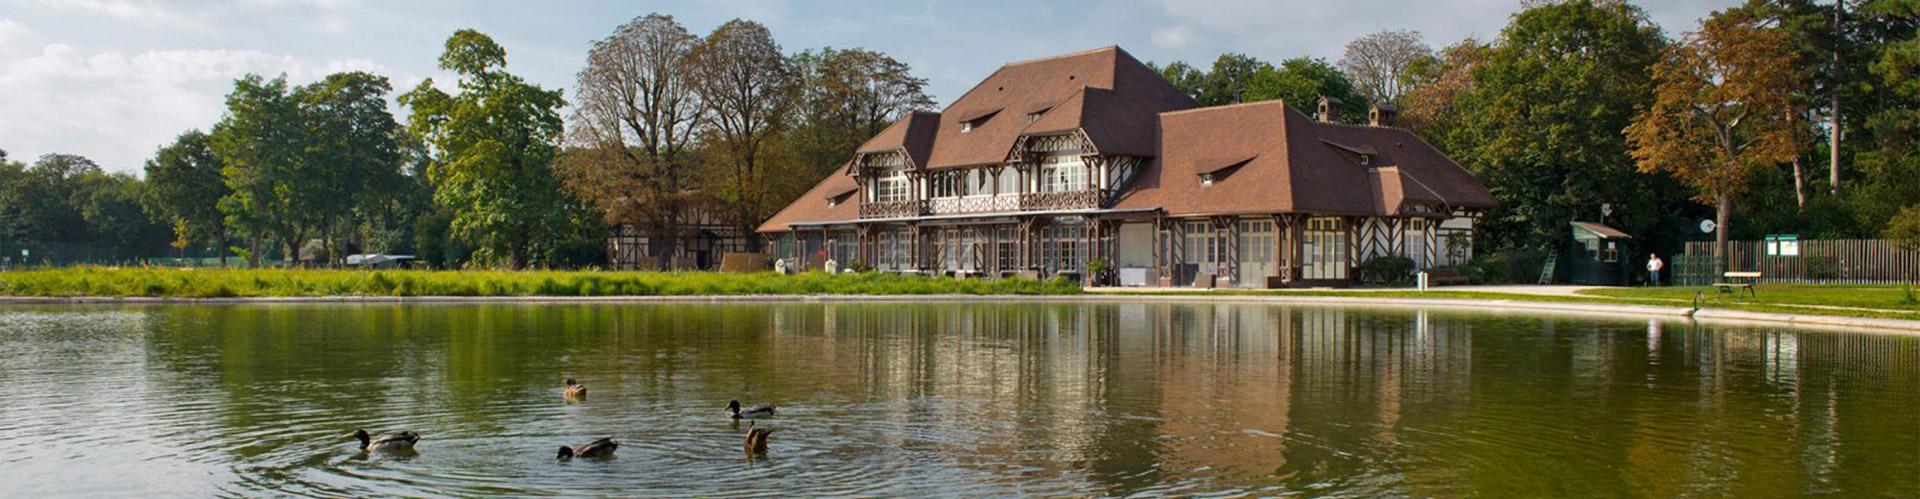 Le Cyberwomanday aux Pavillons des étangs, Paris